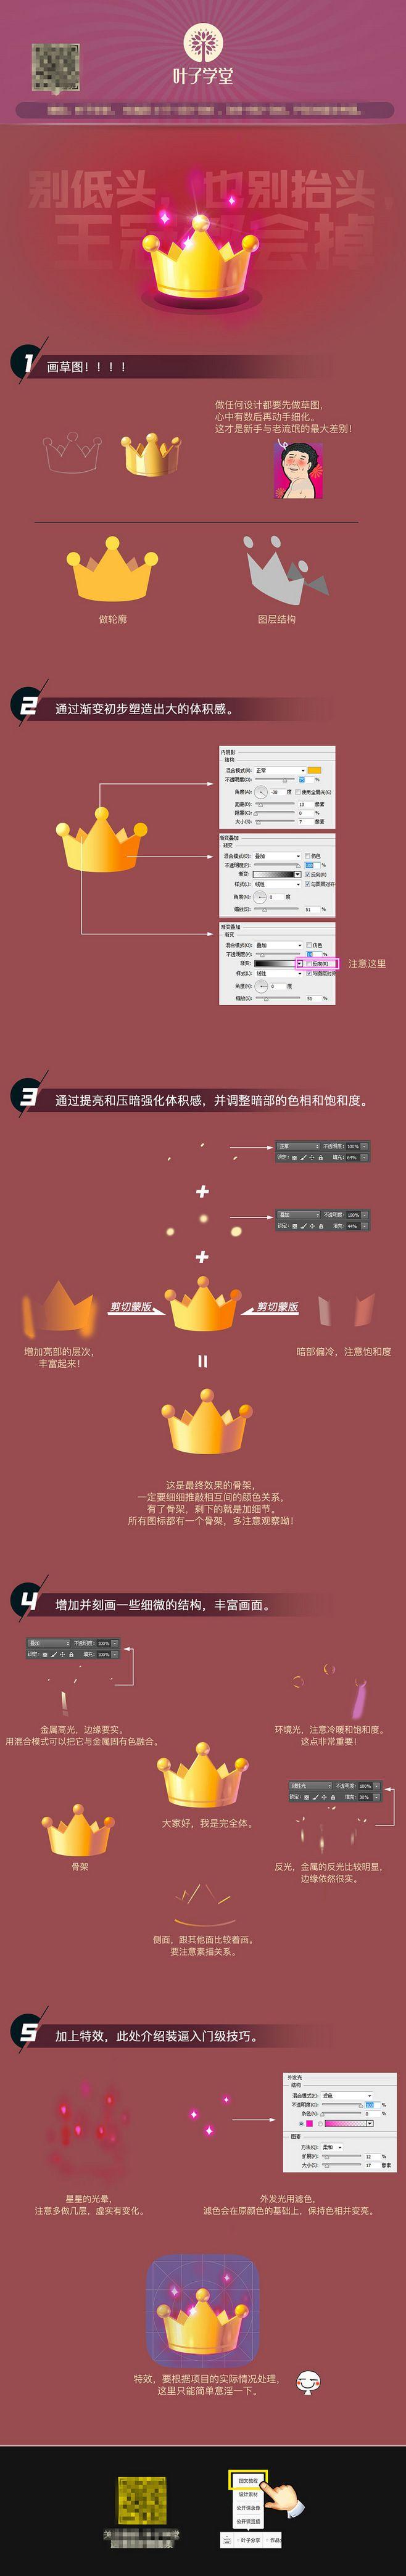 原创作品:【叶子学堂游戏UI设计】皇冠 ...